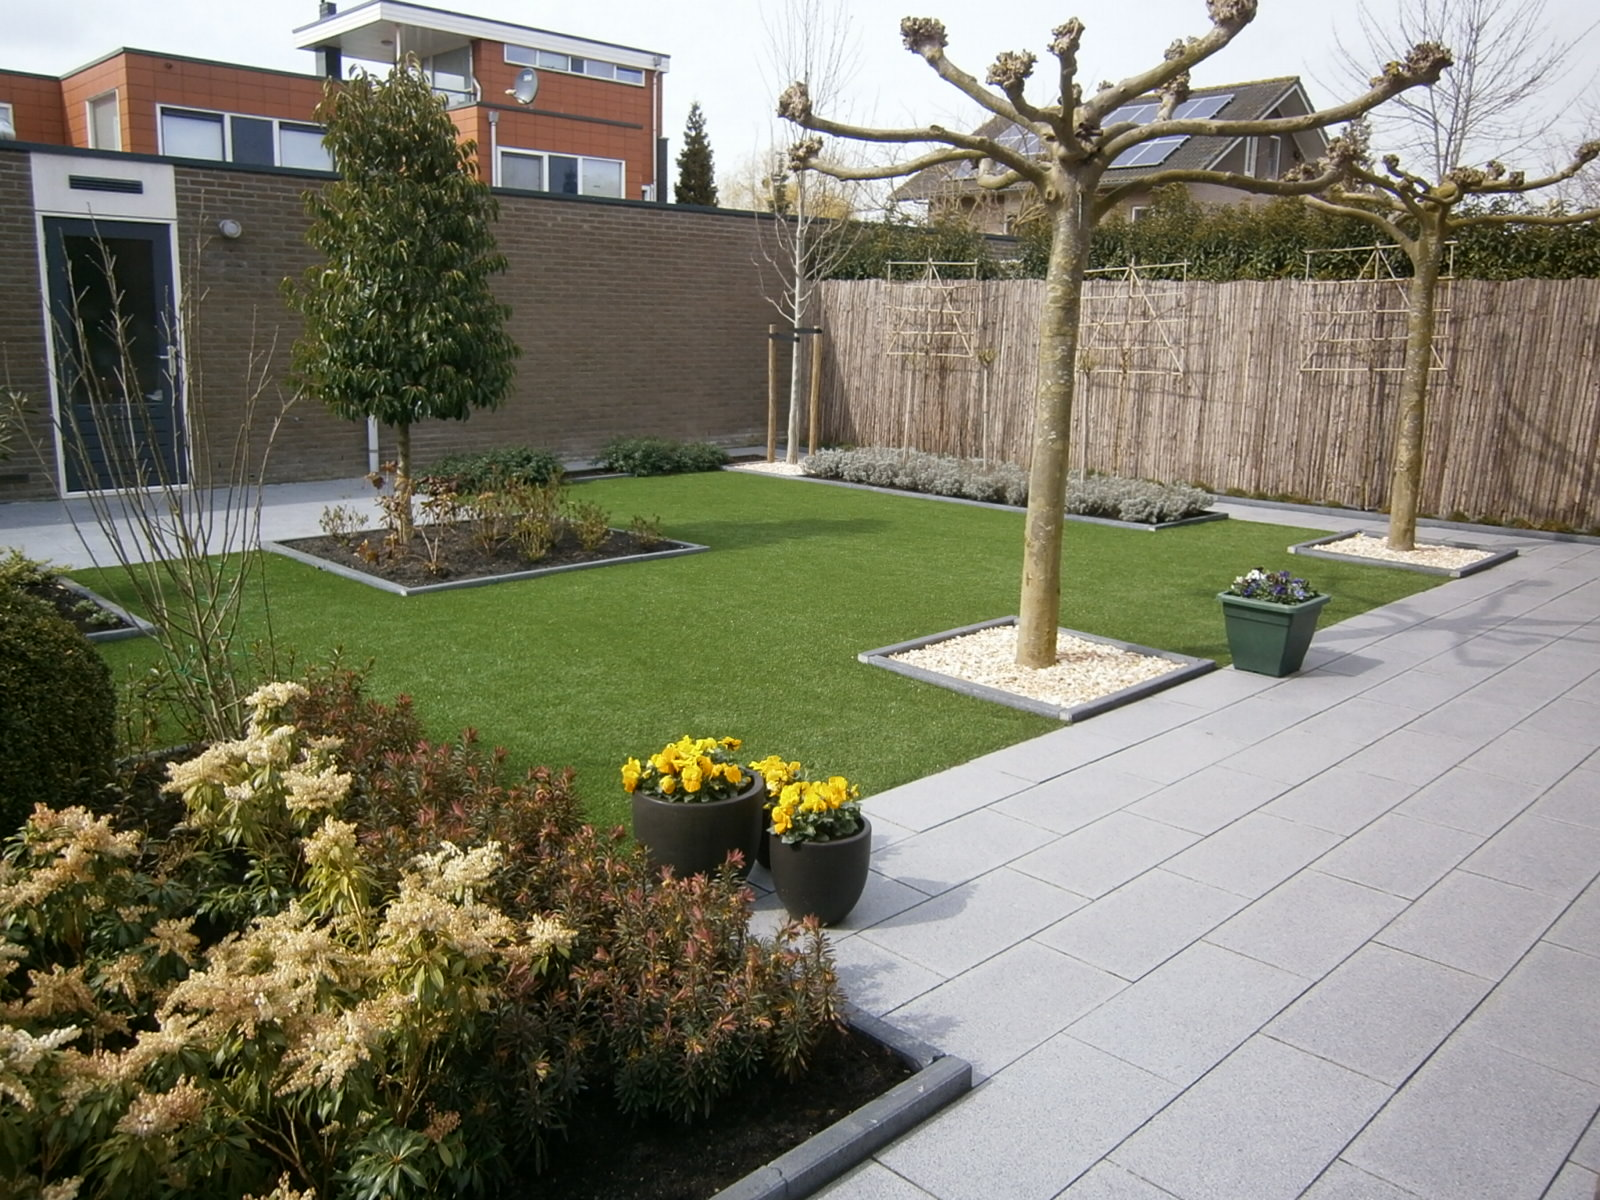 Kunstgras startpagina voor tuin ideeën uw tuin